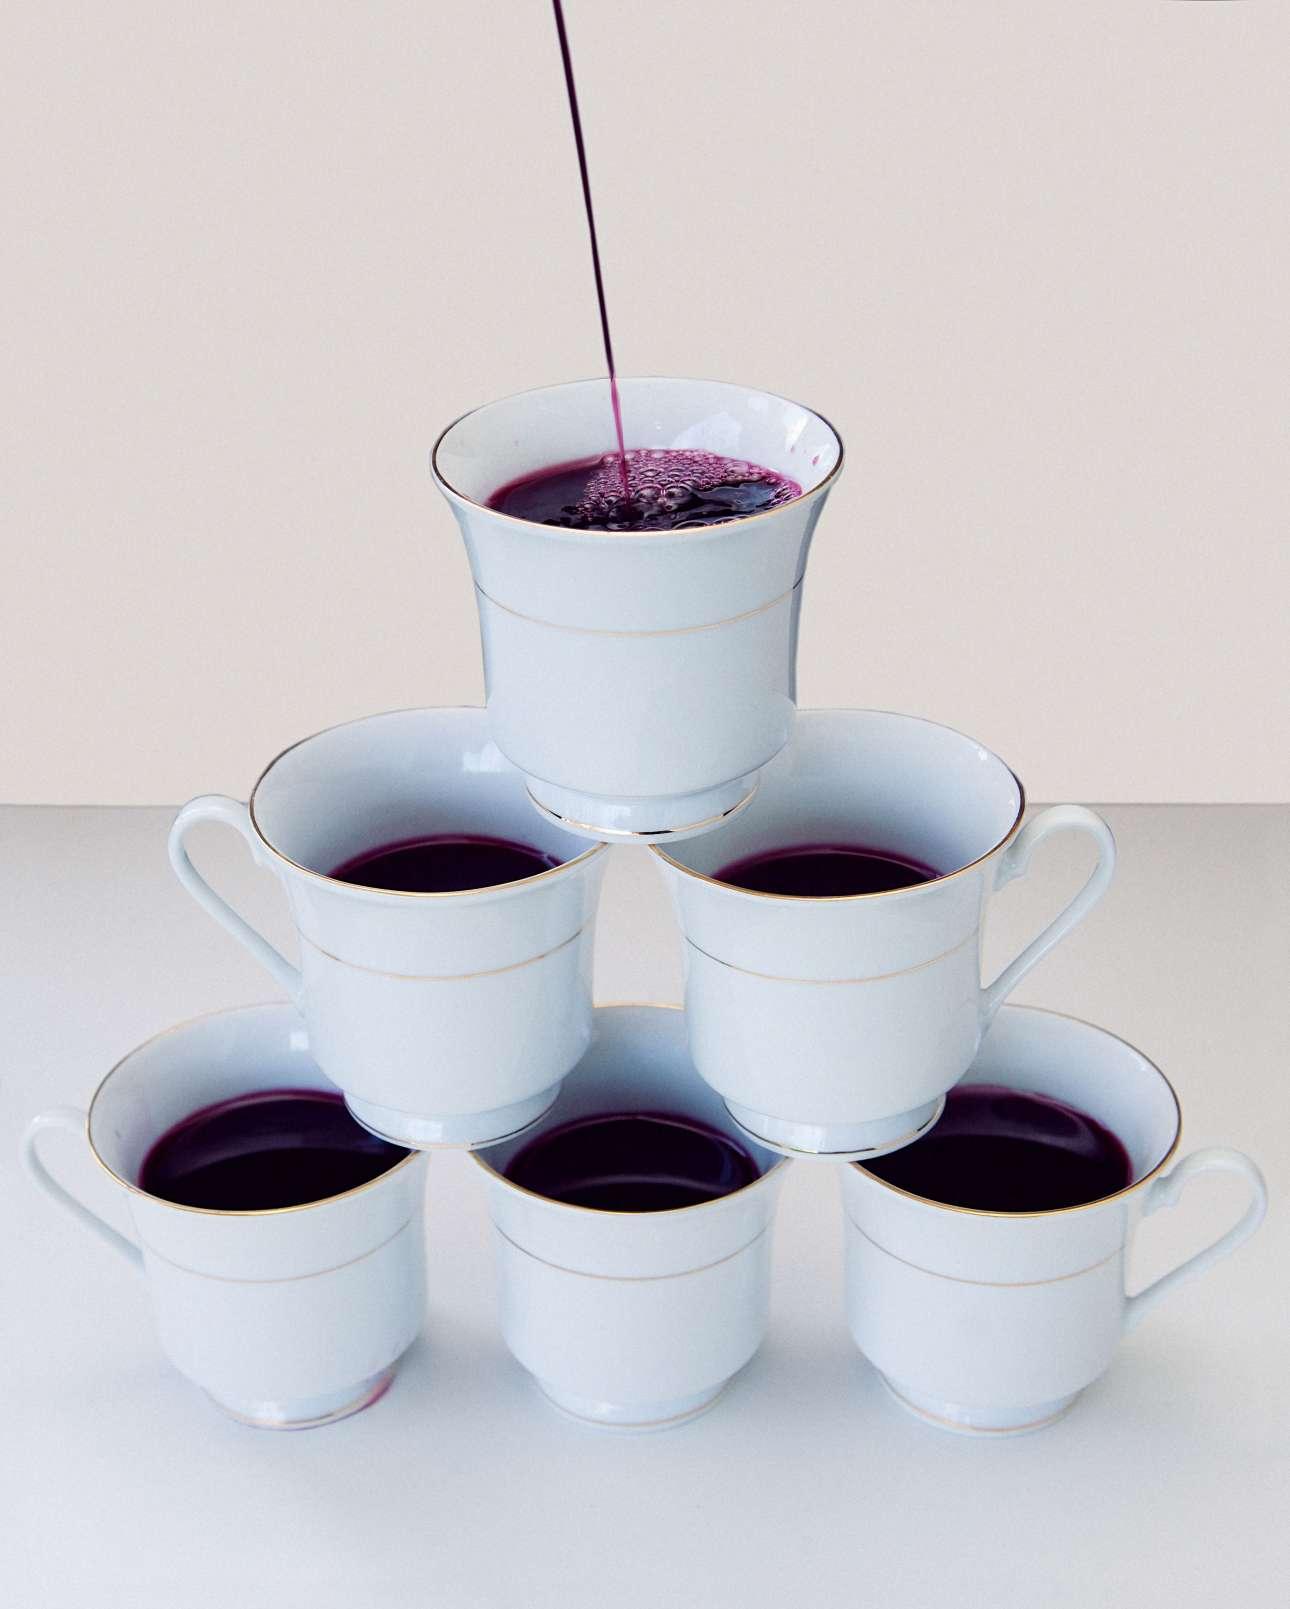 Στο Κάνσας απαγορεύεται να σερβίρεις κρασί σε φλιτζάνια τσαγιού